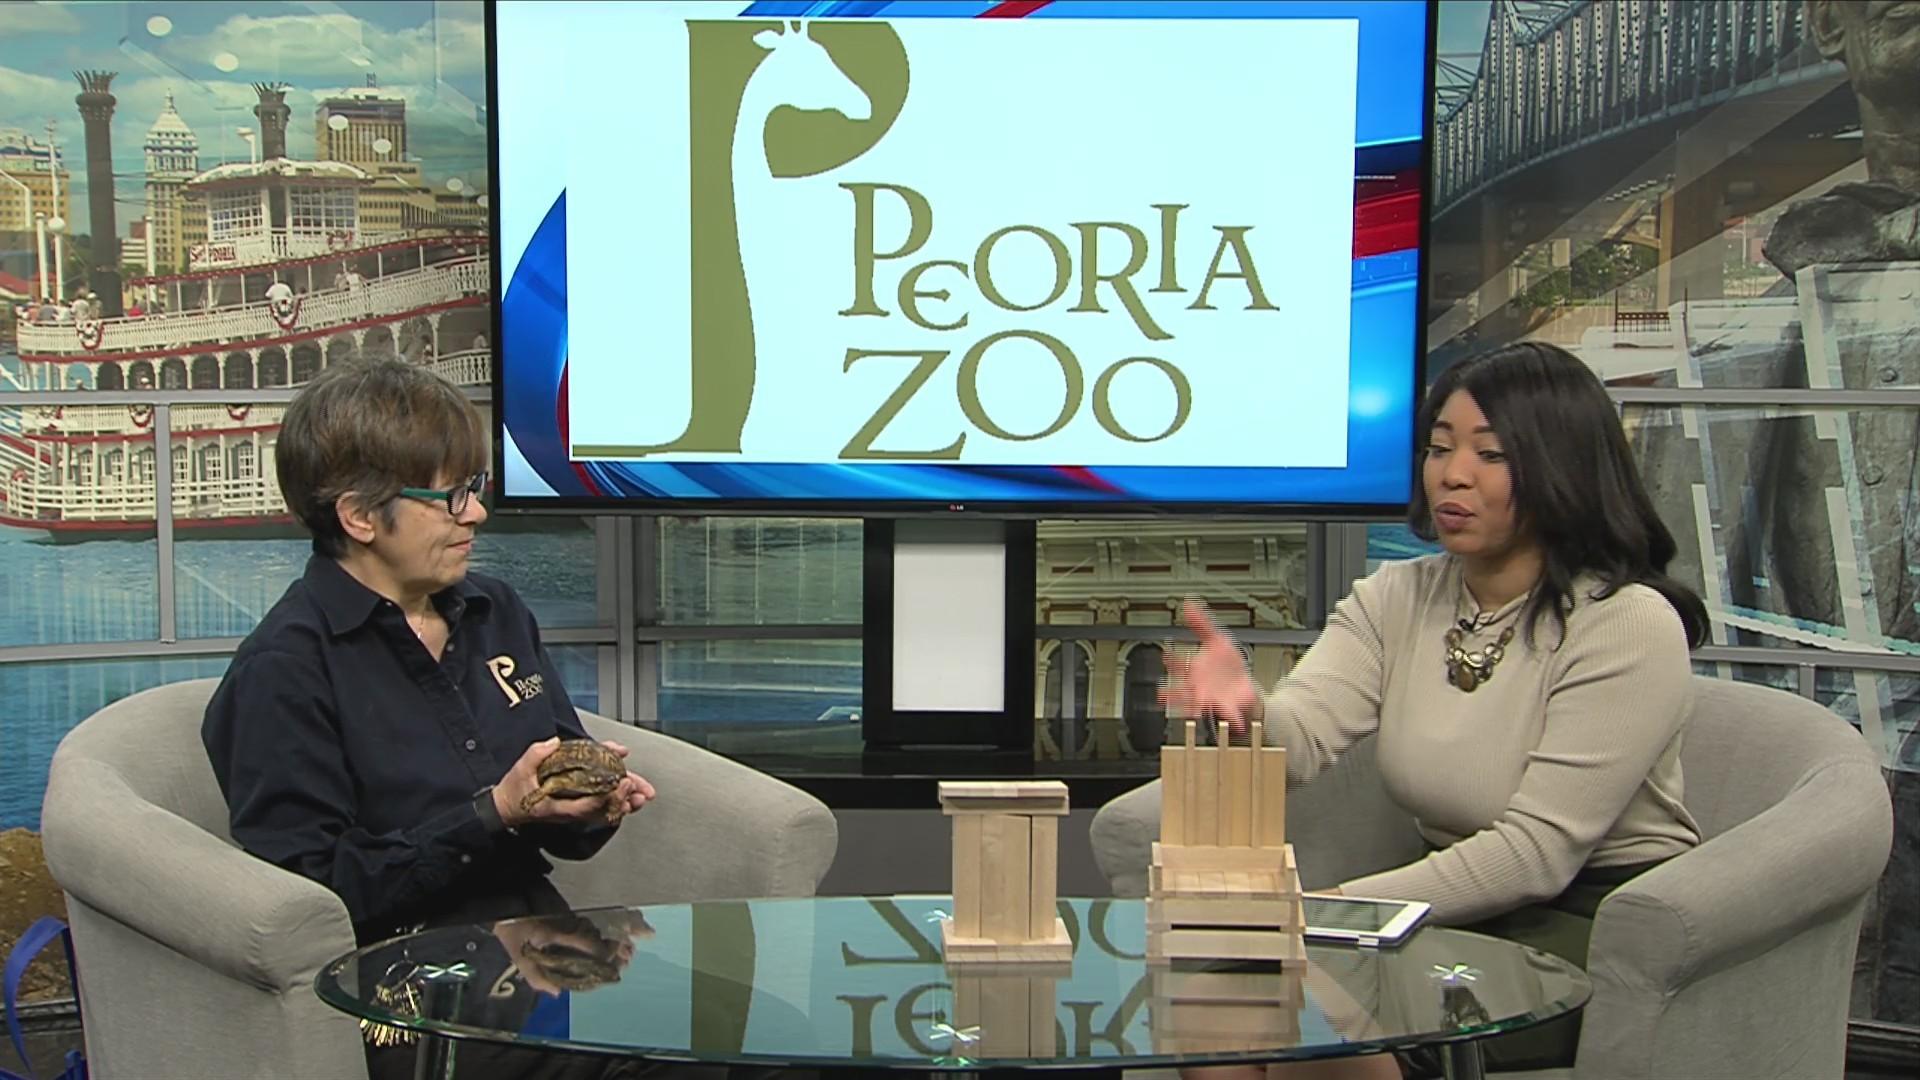 PEORIA ZOO 2019 NEW EVENTS